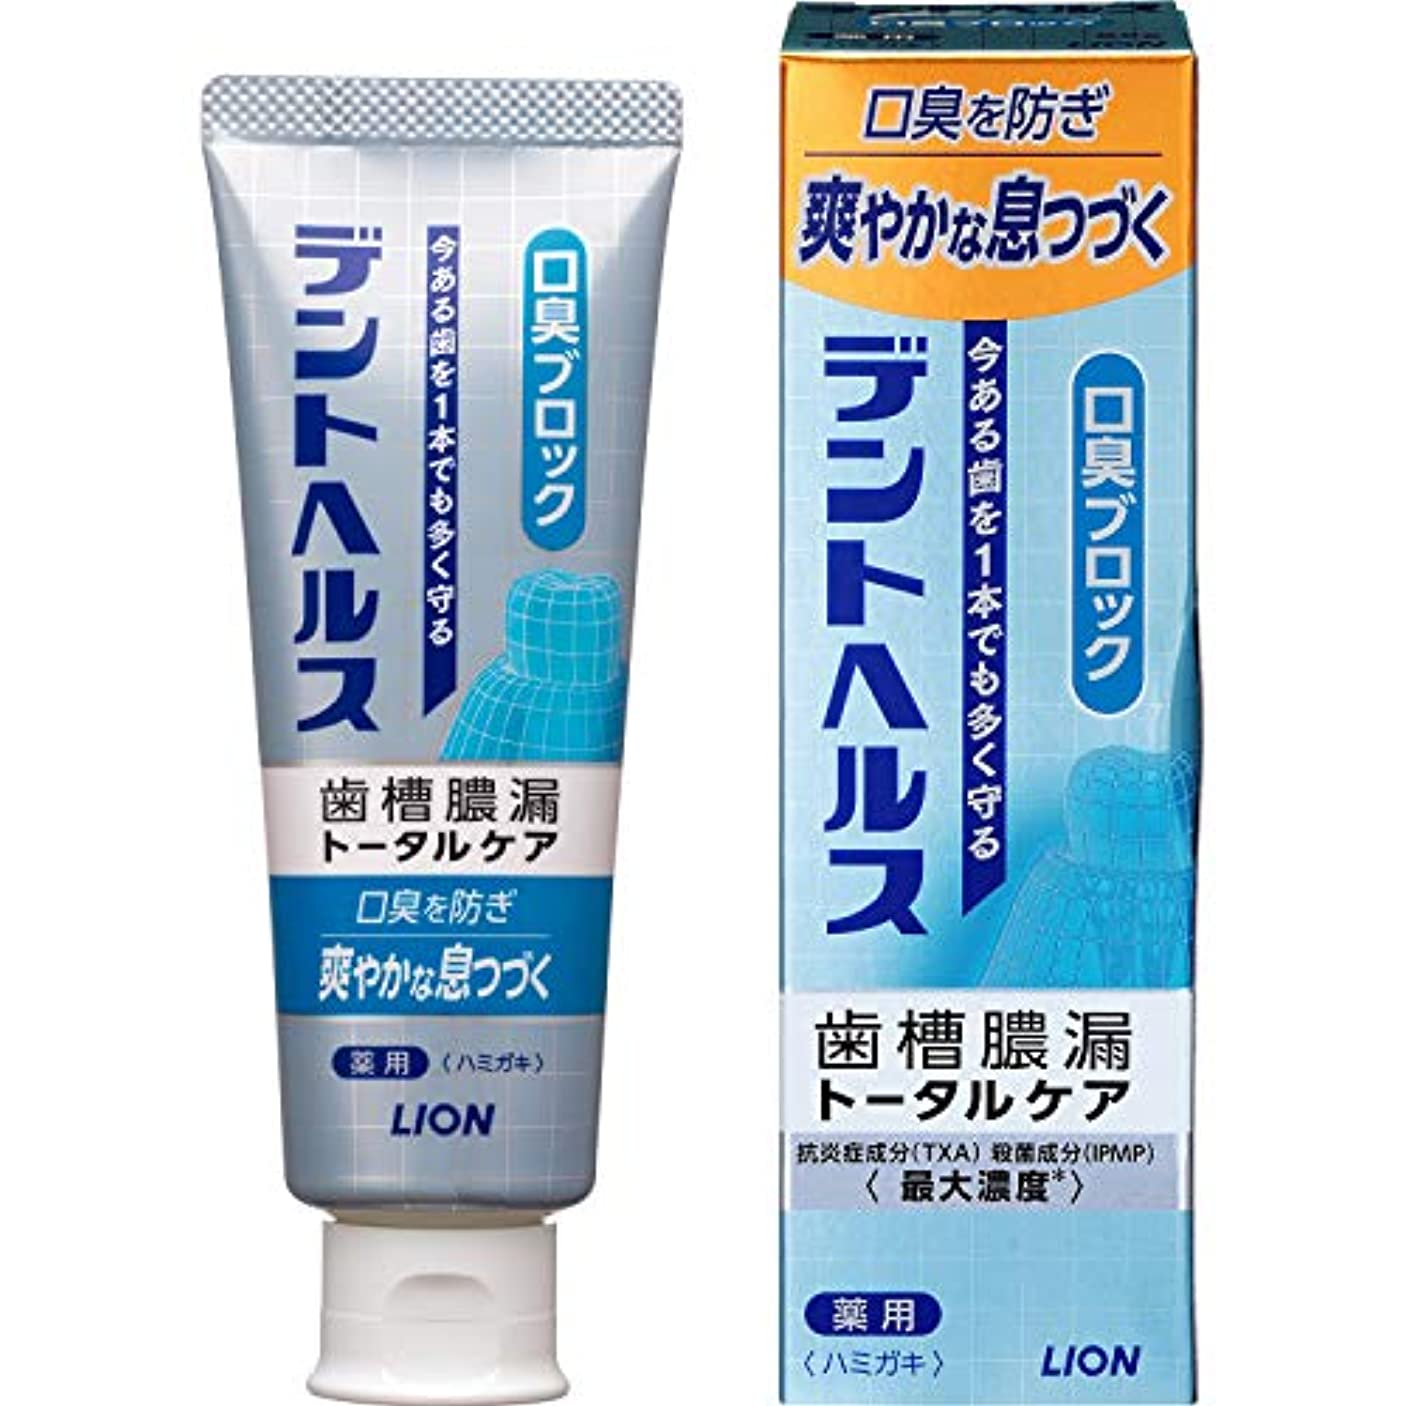 エンティティコマースコメント歯槽膿漏予防に デントヘルス 薬用ハミガキ 口臭ブロック 85g